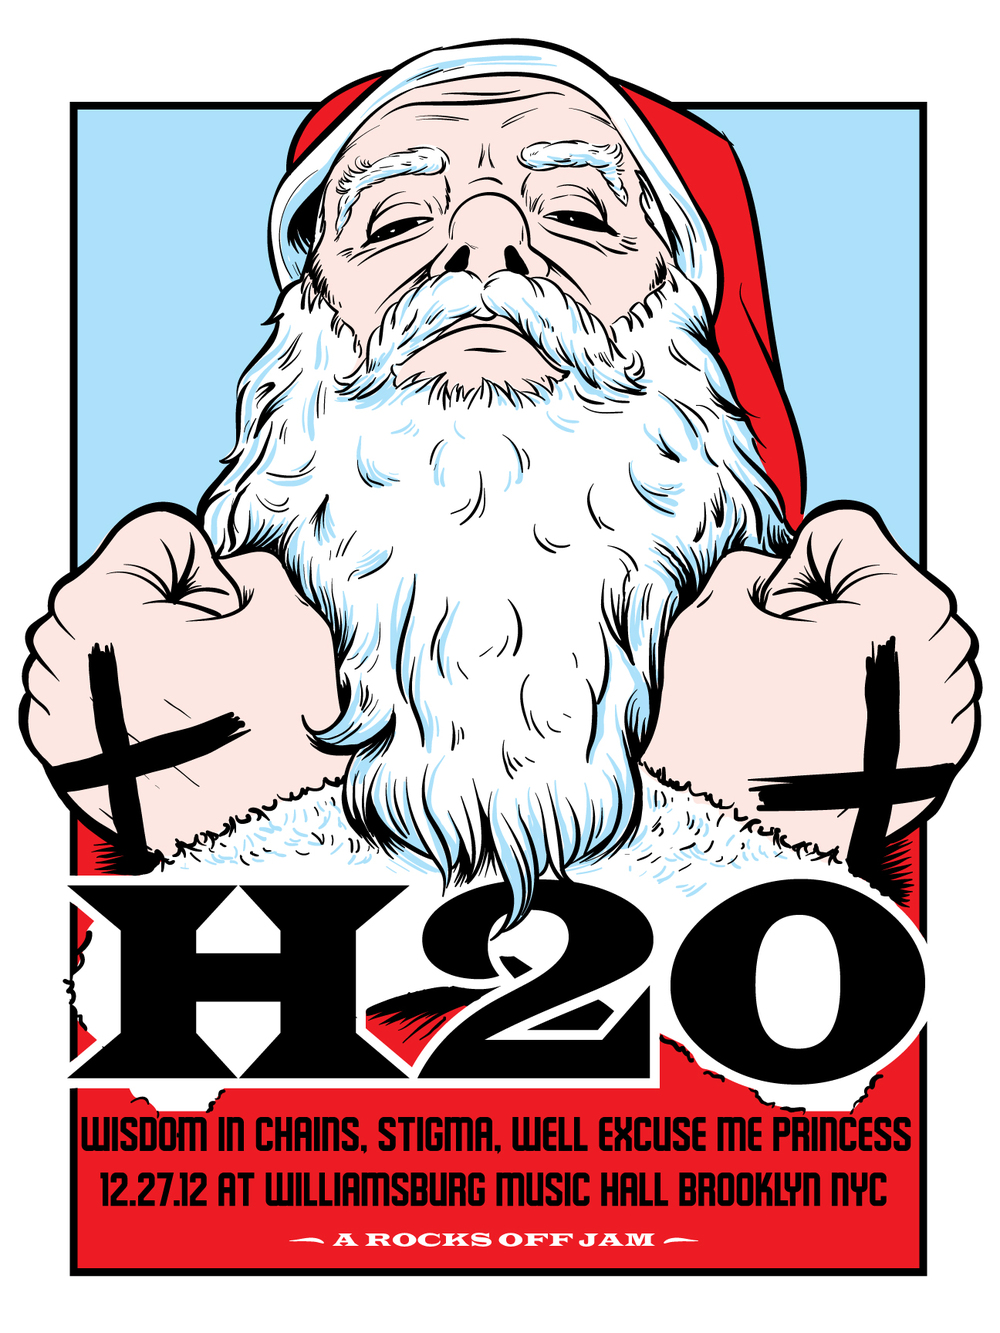 h2o10-27-12.jpg